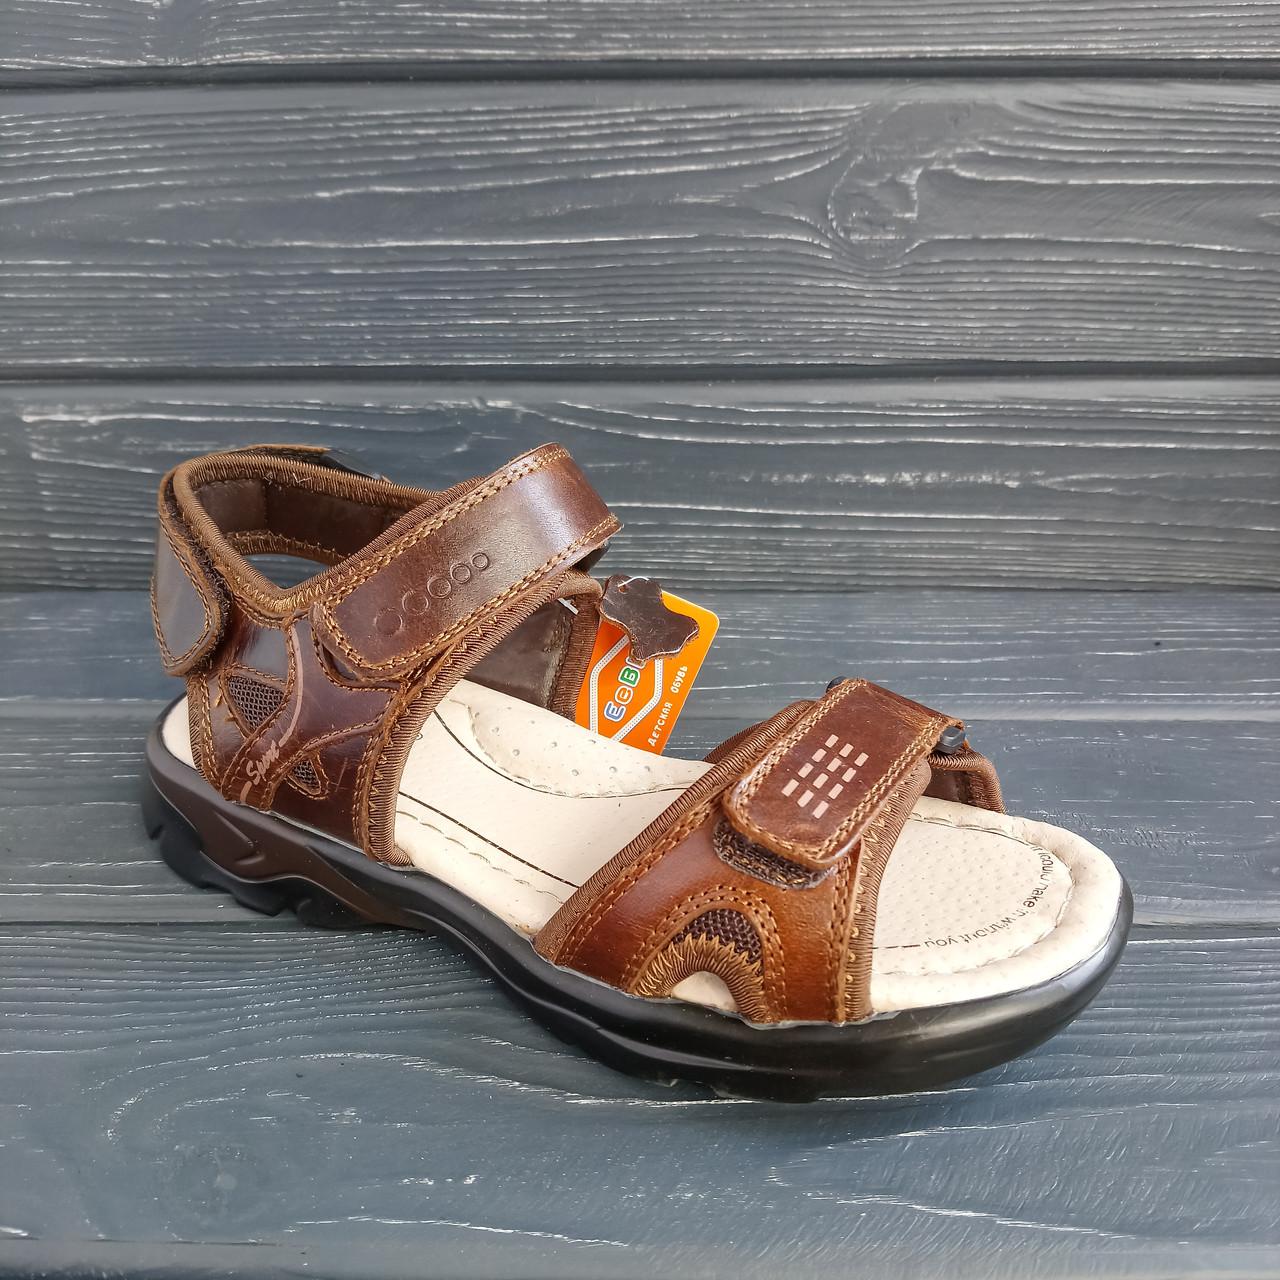 777acb6b5 Кожаные сандалии мальчикам, копия Ecco, р. 32-37: продажа, цена в ...